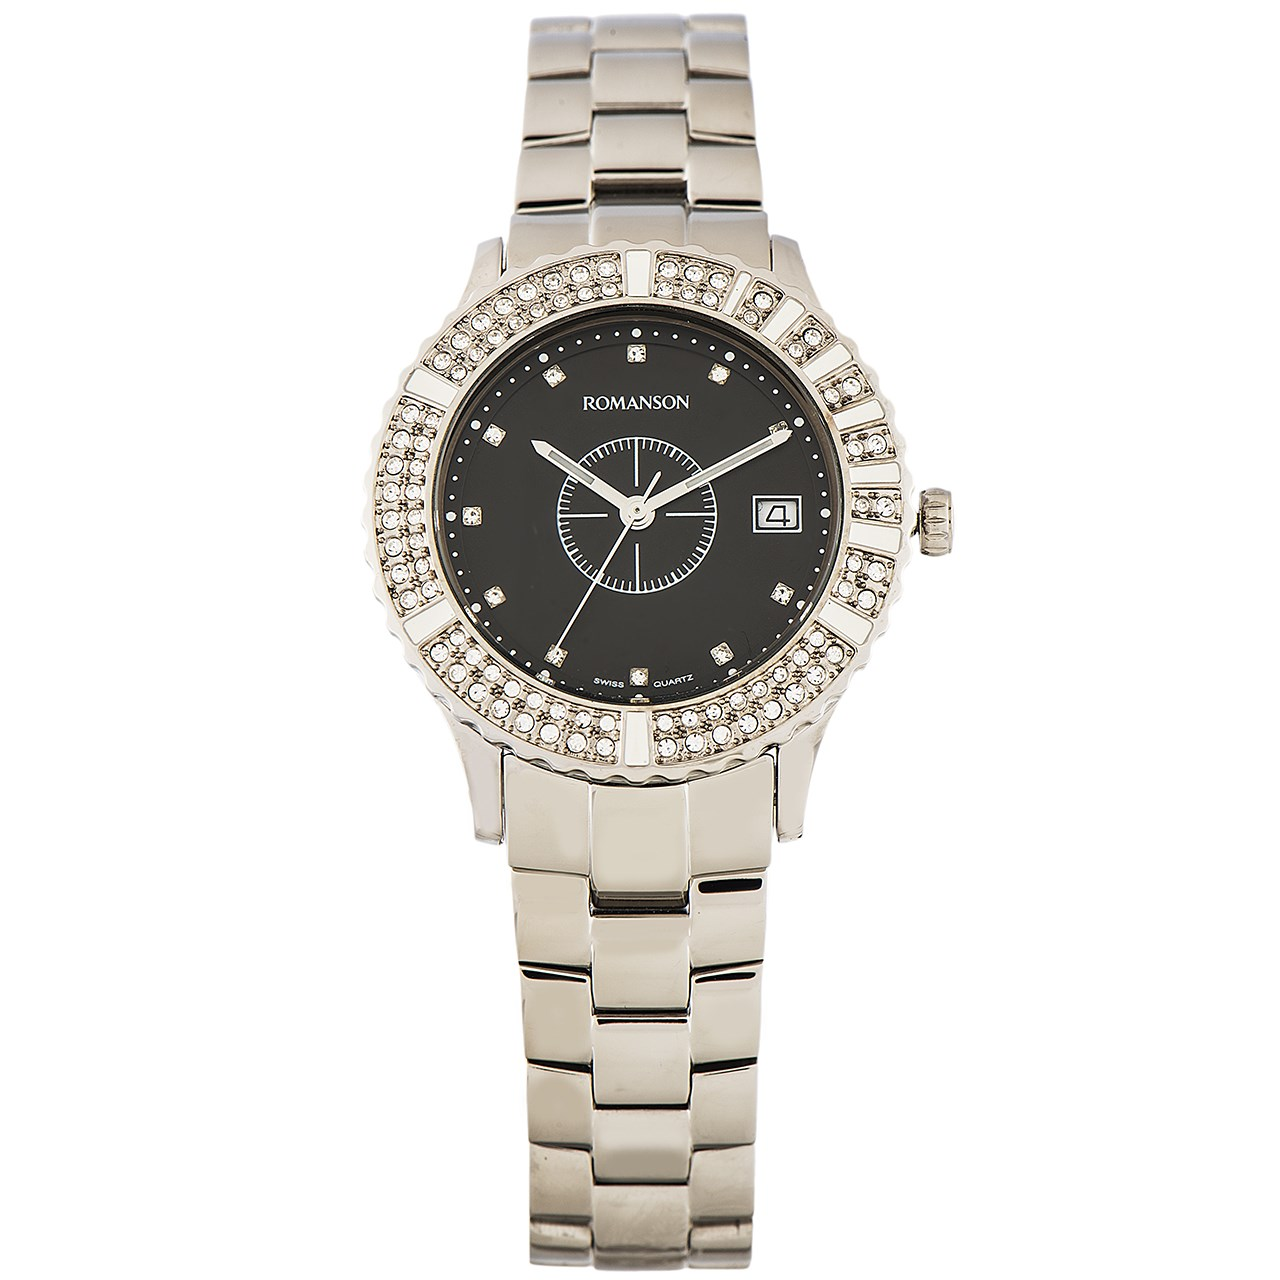 ساعت مچی عقربه ای زنانه رومانسون مدل RM9229TL1WA32W 45